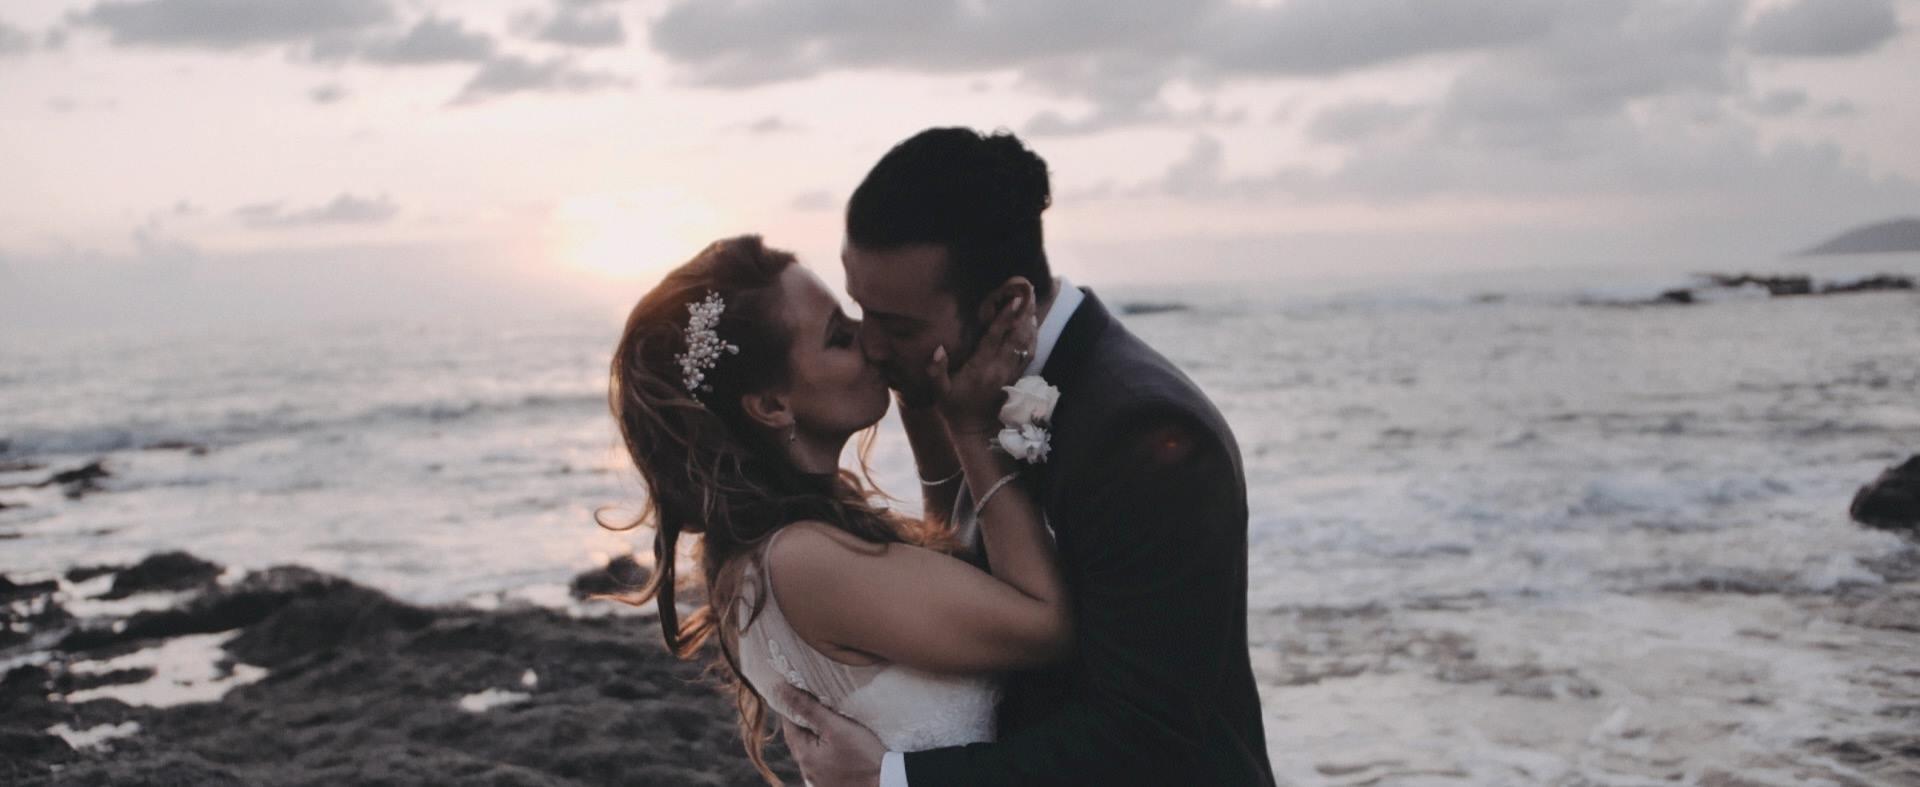 Wedding Venues in Italy , Destination wedding in Italy